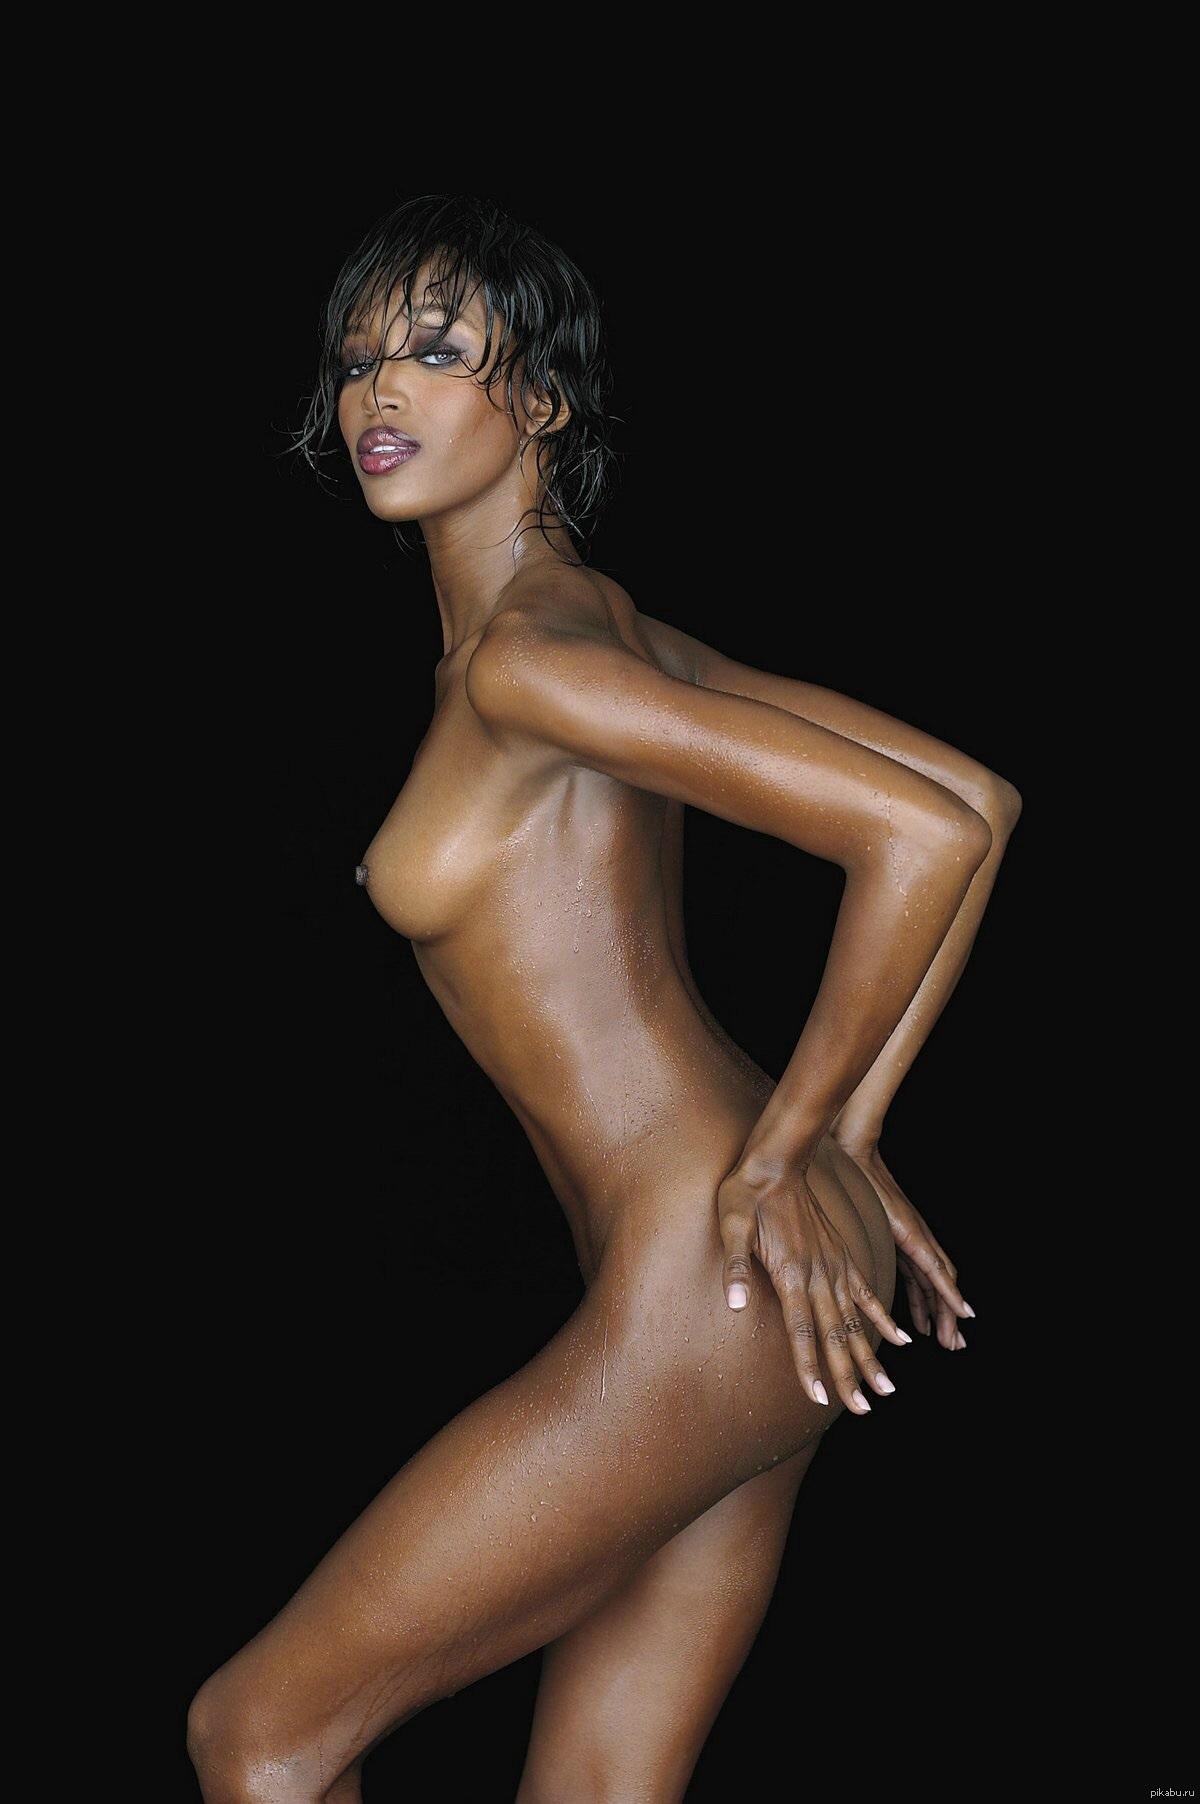 Naomi knight naked pics xxx gallery